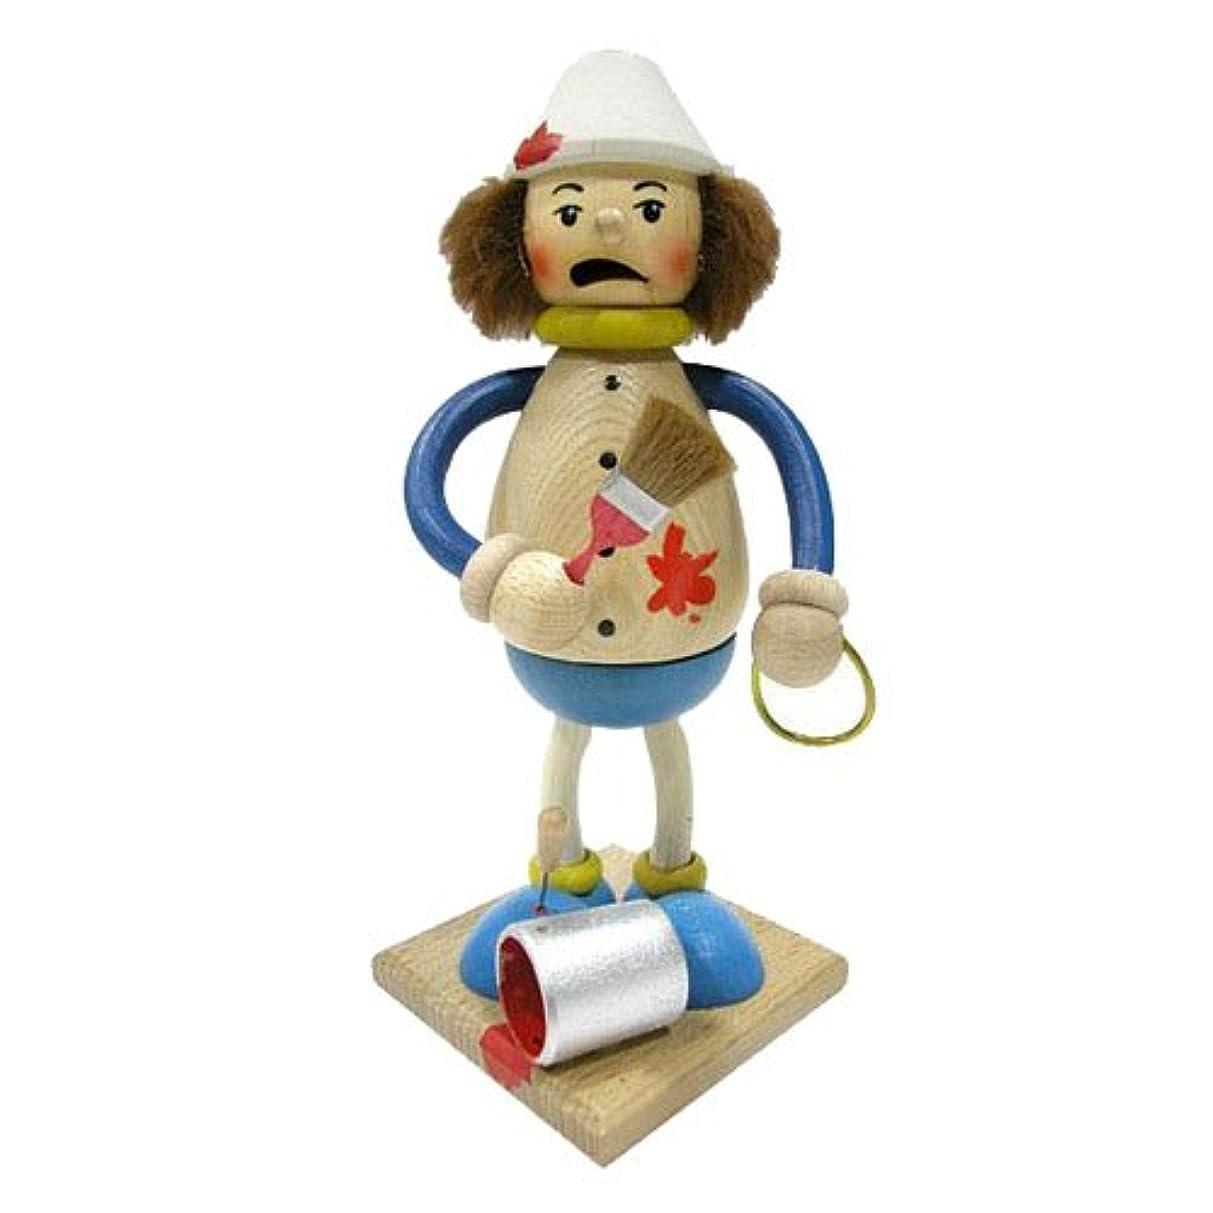 の量サドルブーム39095 Kuhnert(クーネルト) ミニパイプ人形香炉 ペインター